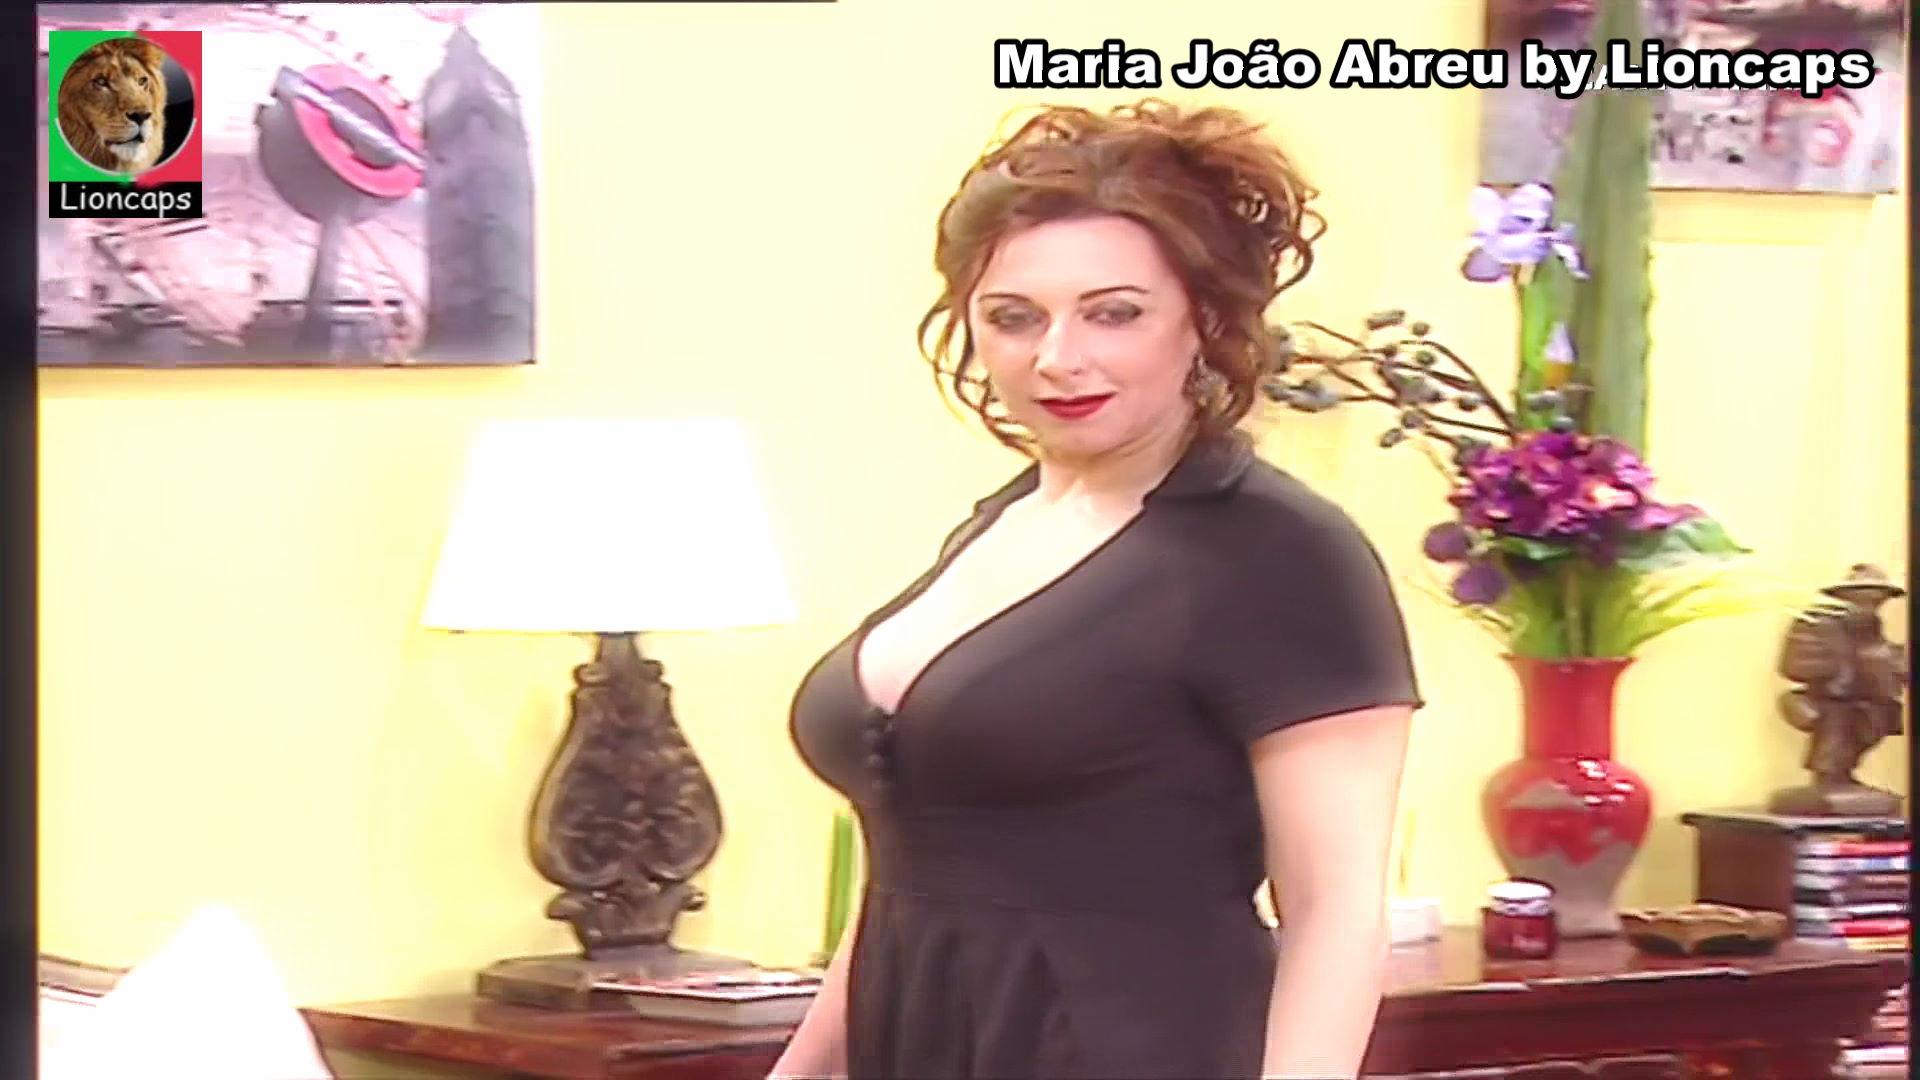 959969615_maria_joao_abreu_vs200125_02721_122_256lo.JPG